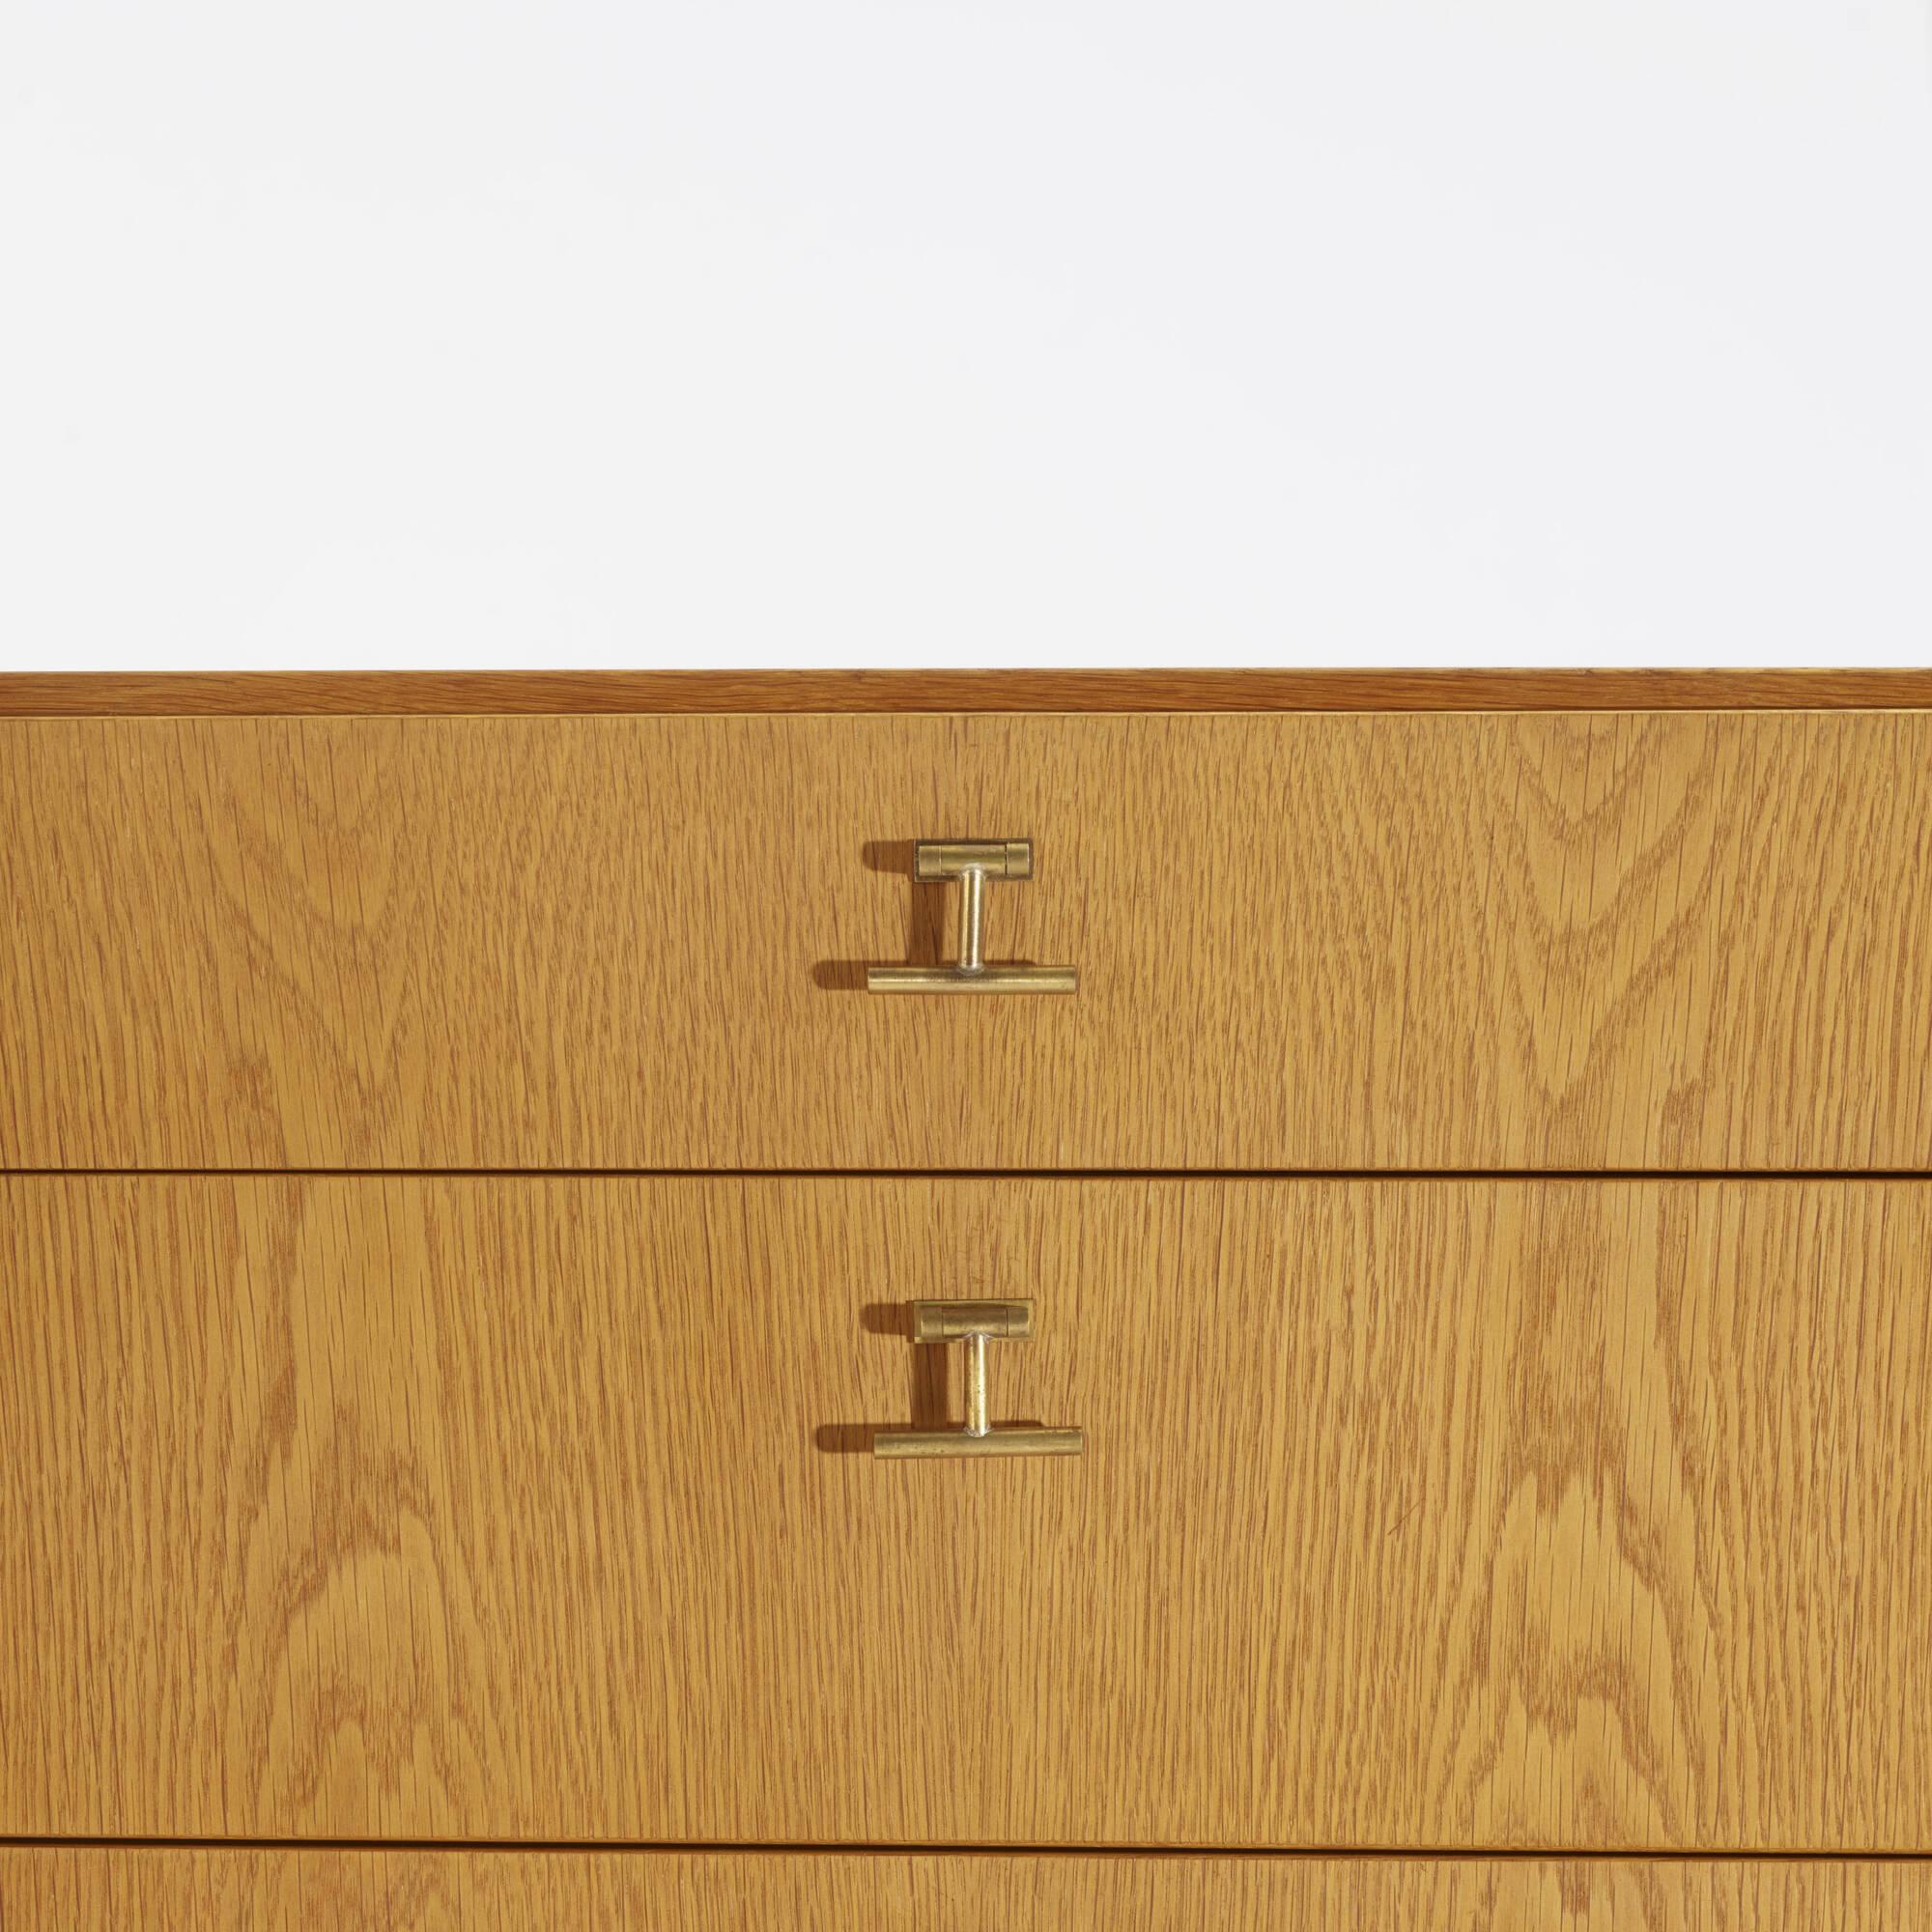 252: Børge Mogensen / cabinets, pair (4 of 4)